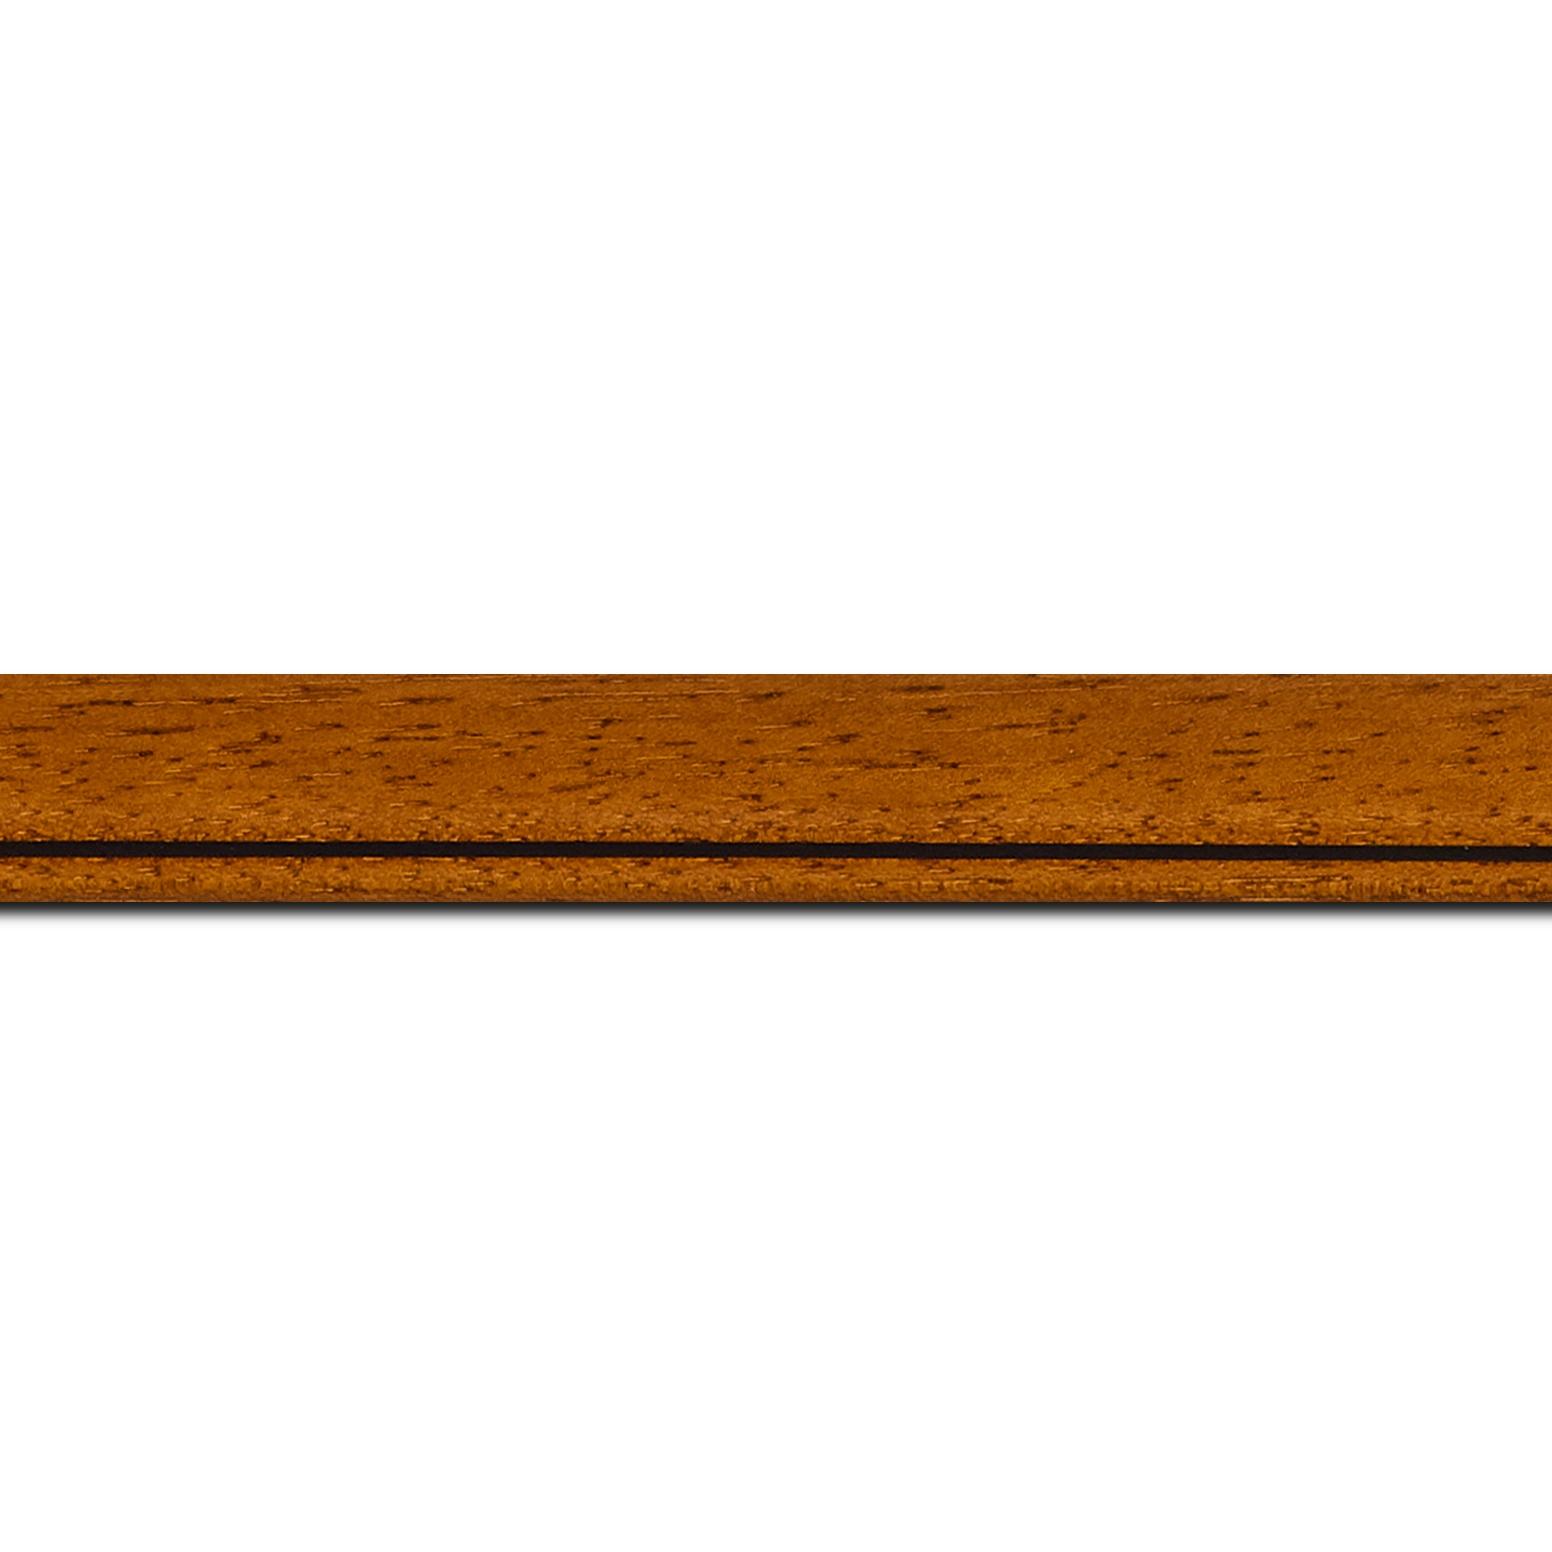 Pack par 12m, bois profil bombé largeur 2.4cm couleur marron ton bois satiné filet noir (longueur baguette pouvant varier entre 2.40m et 3m selon arrivage des bois)